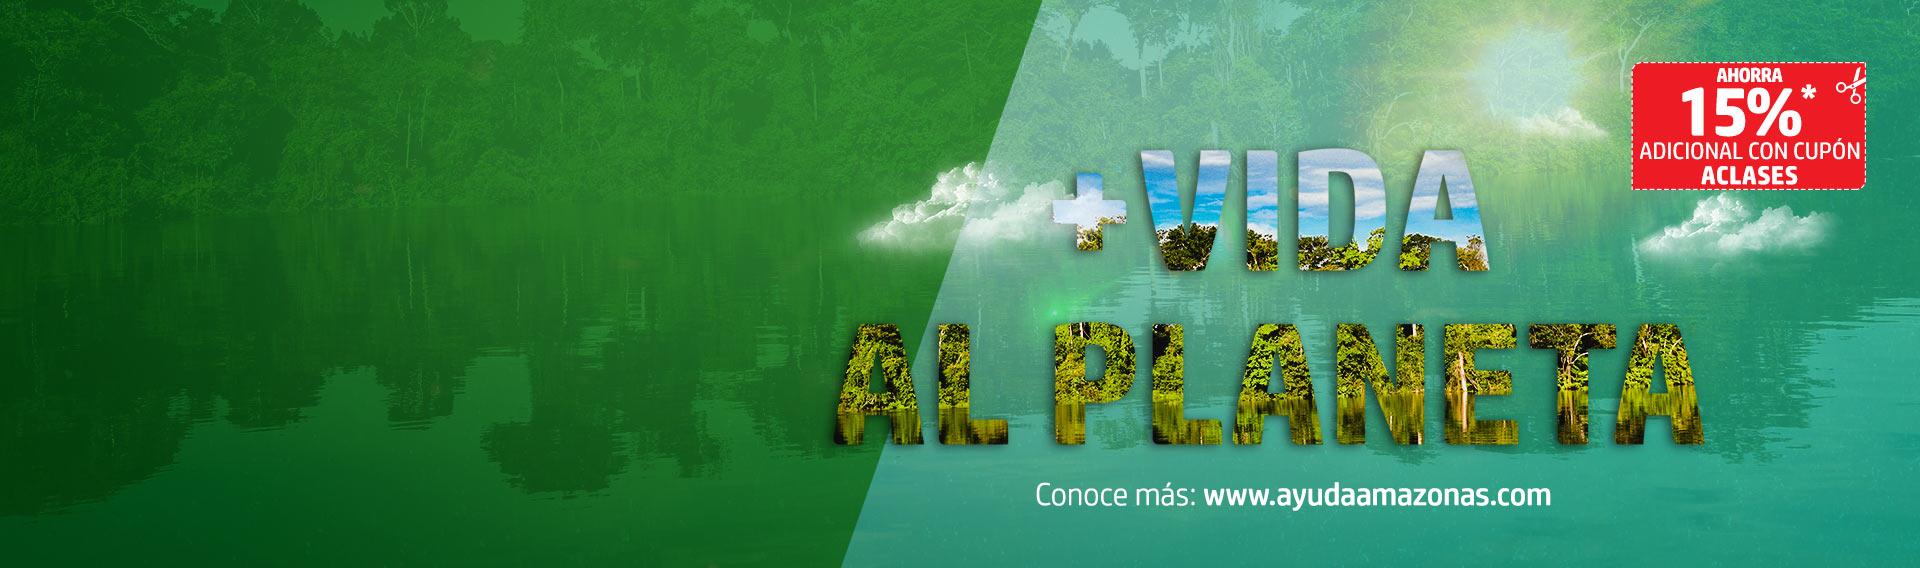 Al adquirir Portátiles Premium HP ayudas a mantener vivo el Amazonas.